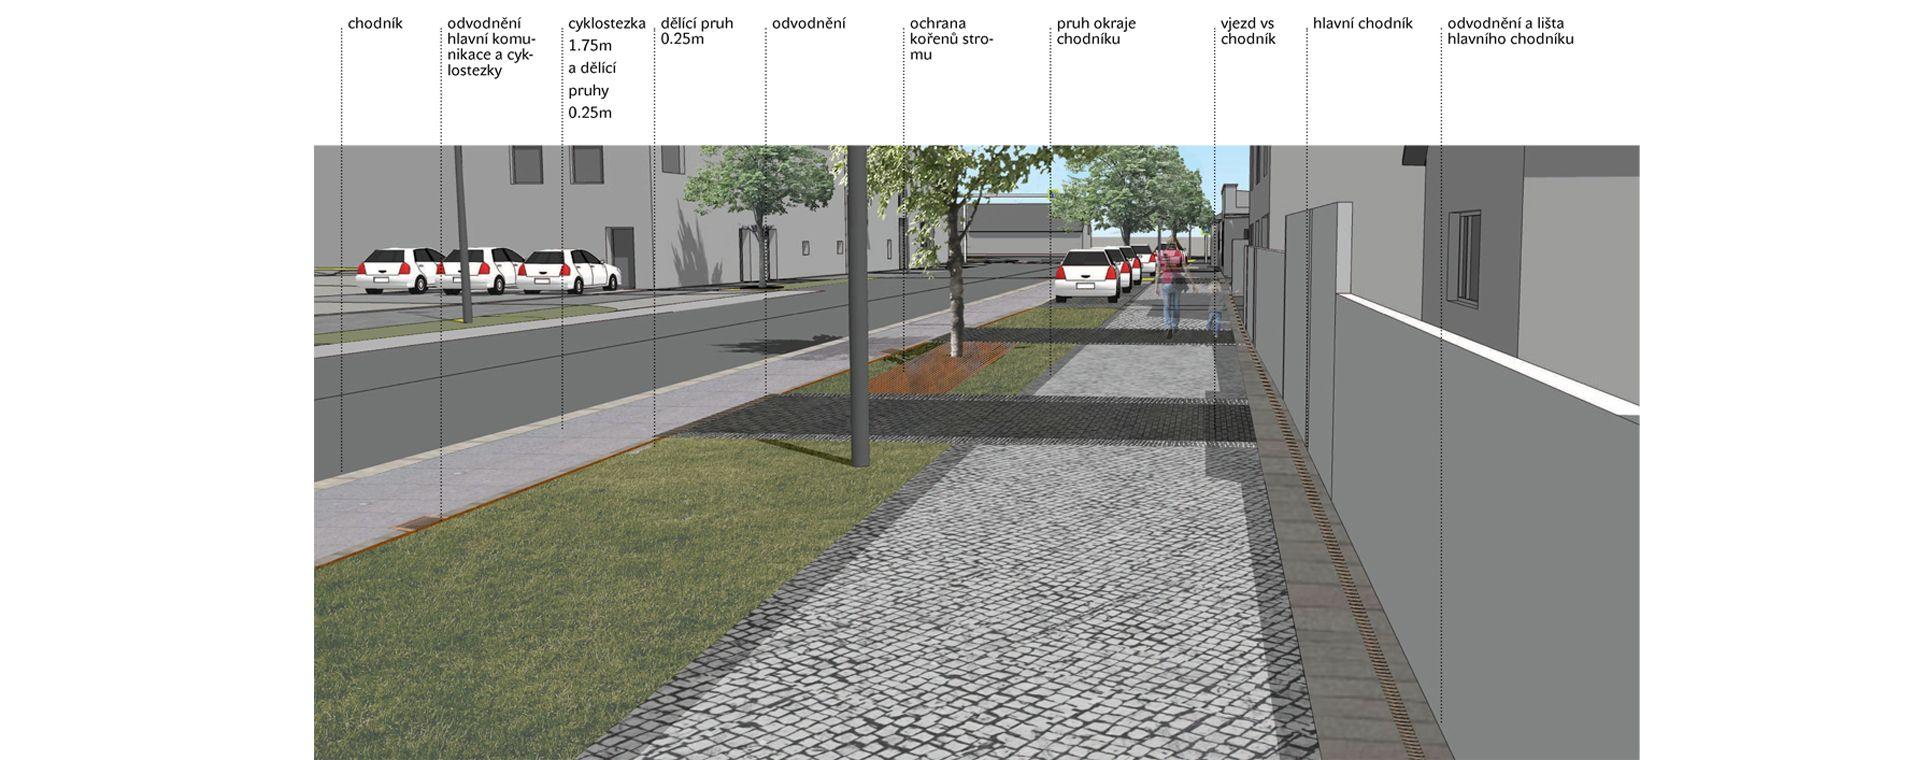 Revitalizace ulice Československé armády, Planá nad Lužnicí, 2016 - 2018. CZ